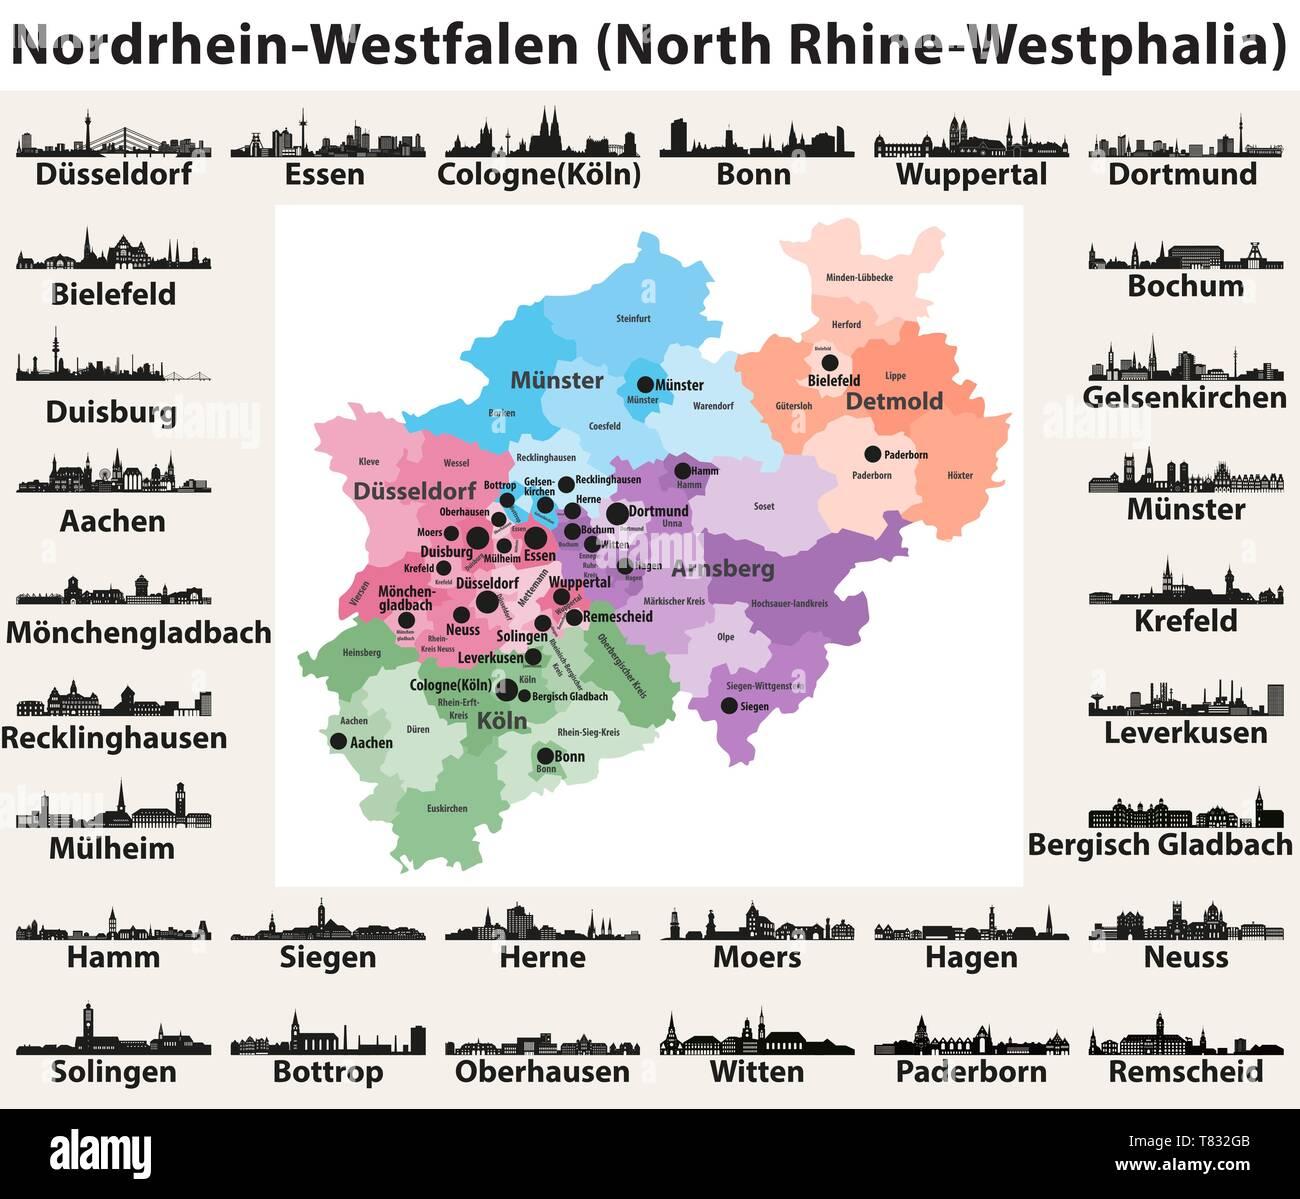 Deutschland Bundesland Nordrhein Westfalen Vektor Karte Mit Den